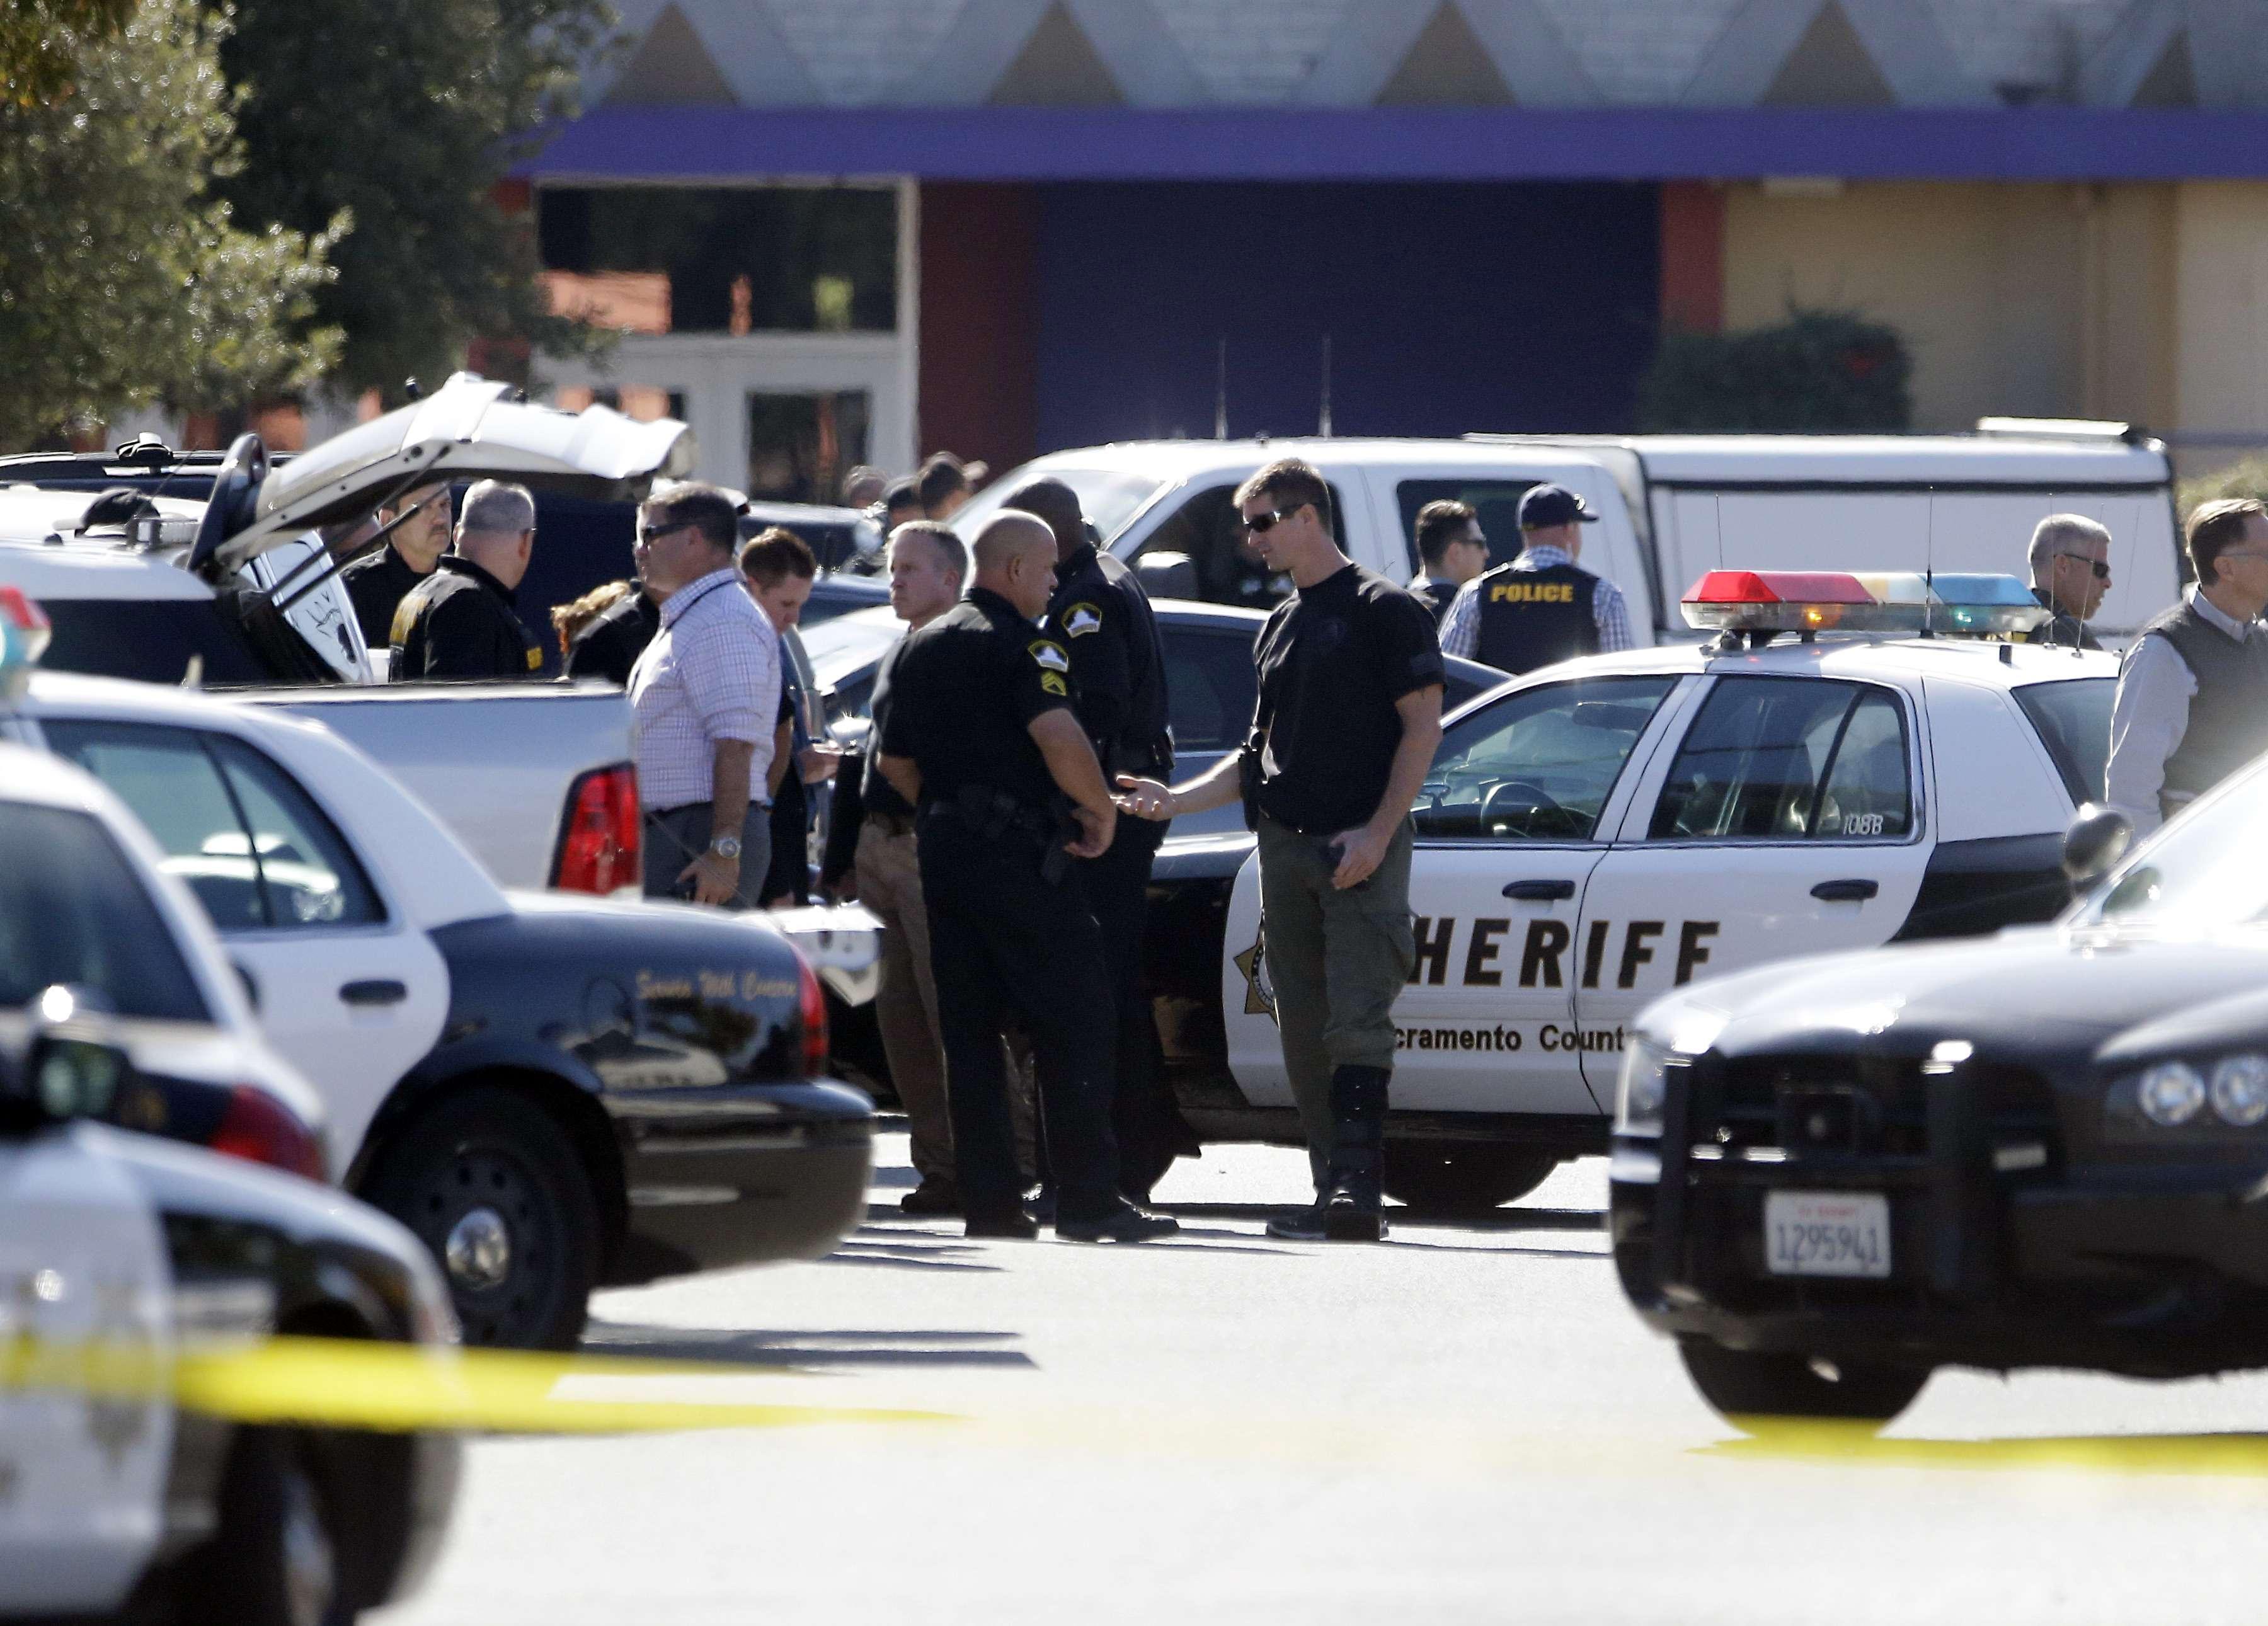 Varios policías se reúnen en el sitio donde un agente del condado de Sacramento fue baleado por un agresor que luego secuestró dos vehículos en Sacramento, California, el viernes 24 de octubre de 2014. Foto: AP en español